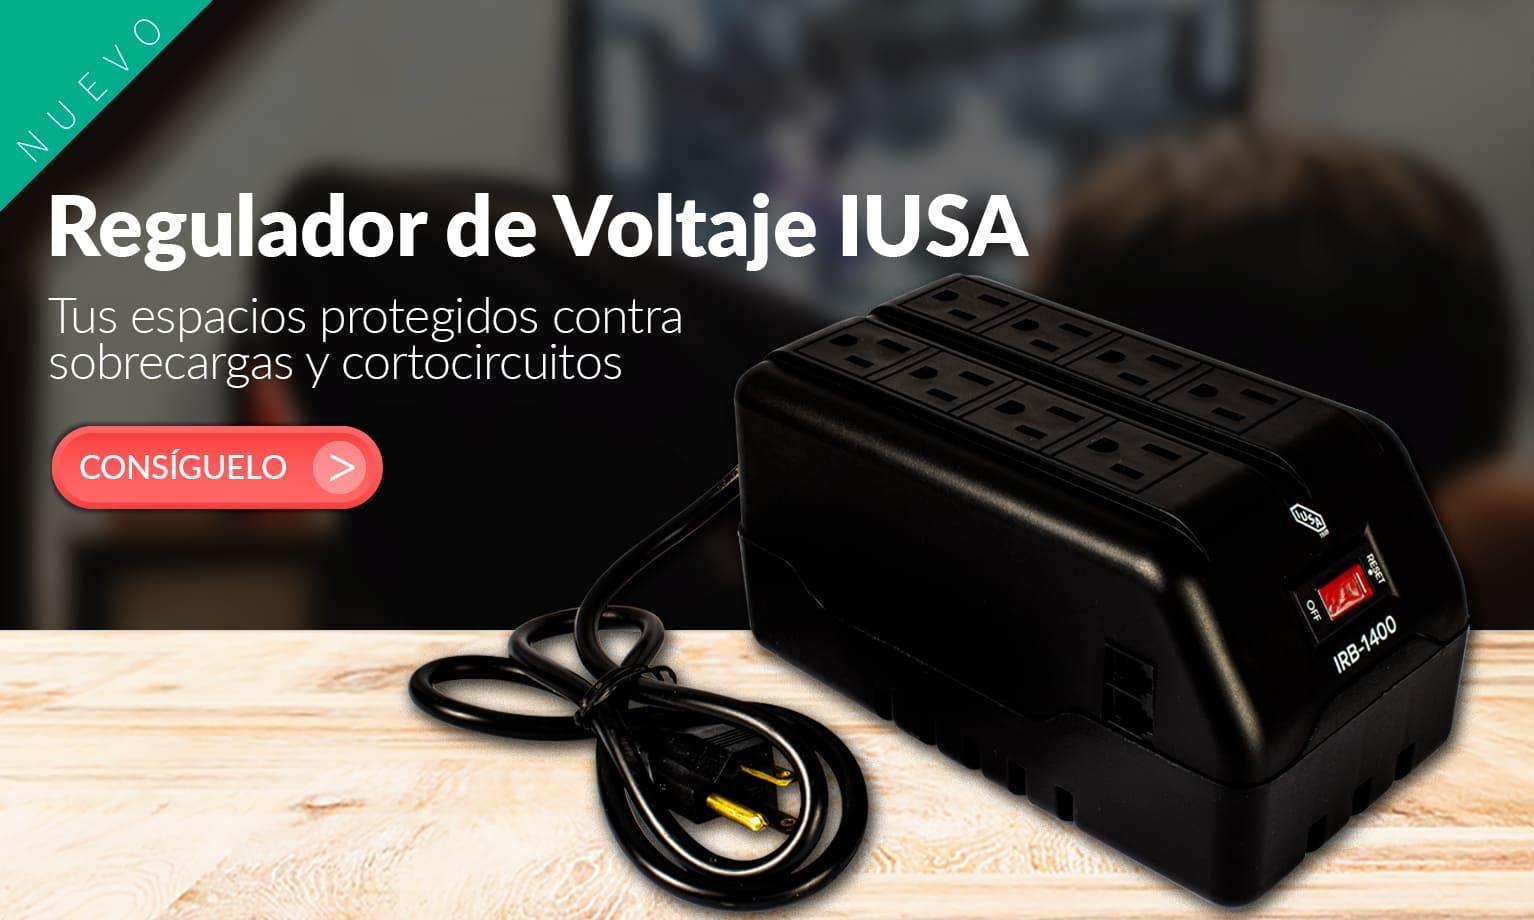 Regulador de Voltaje IUSA